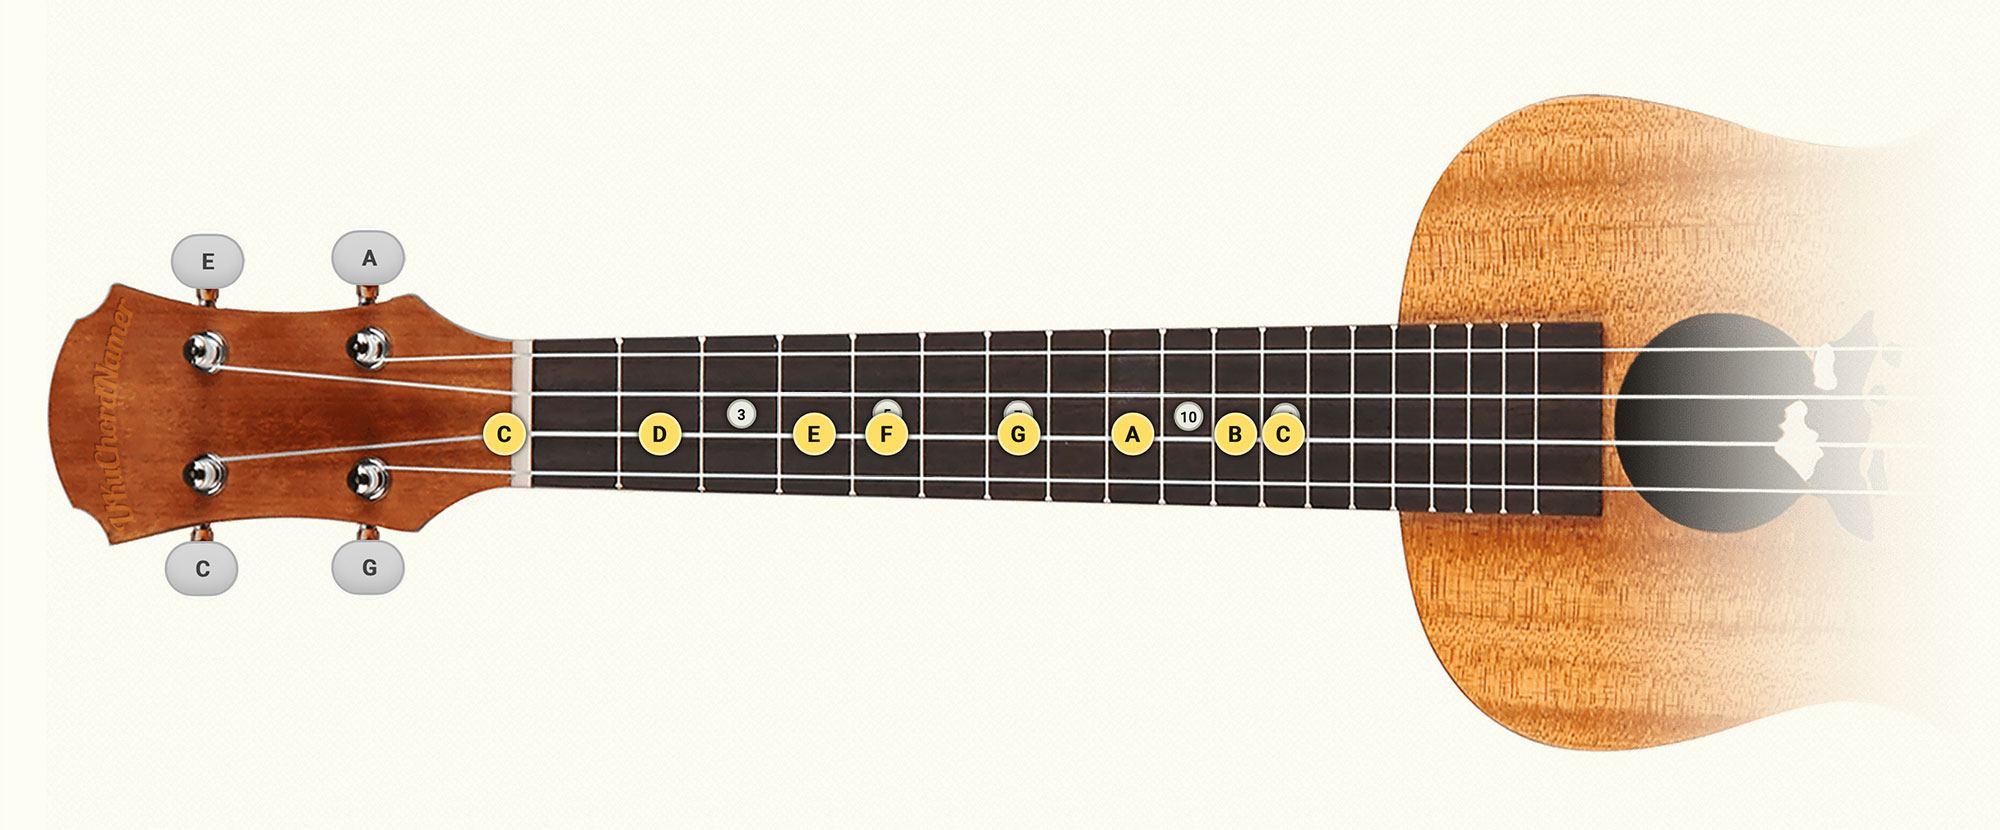 C major ukulele scale